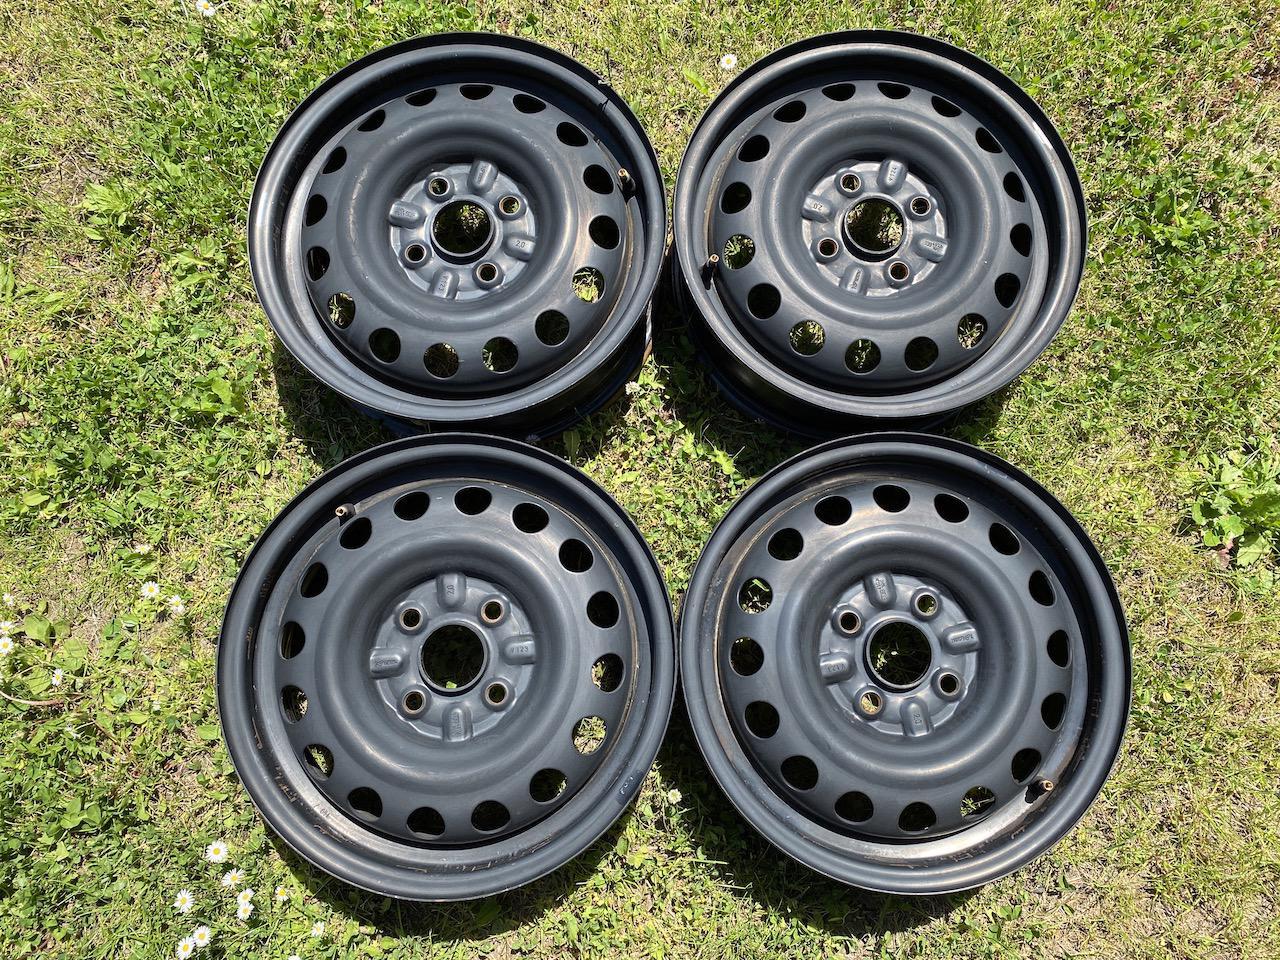 14 4x100 R14 plechové ocelové disky  - foto 1